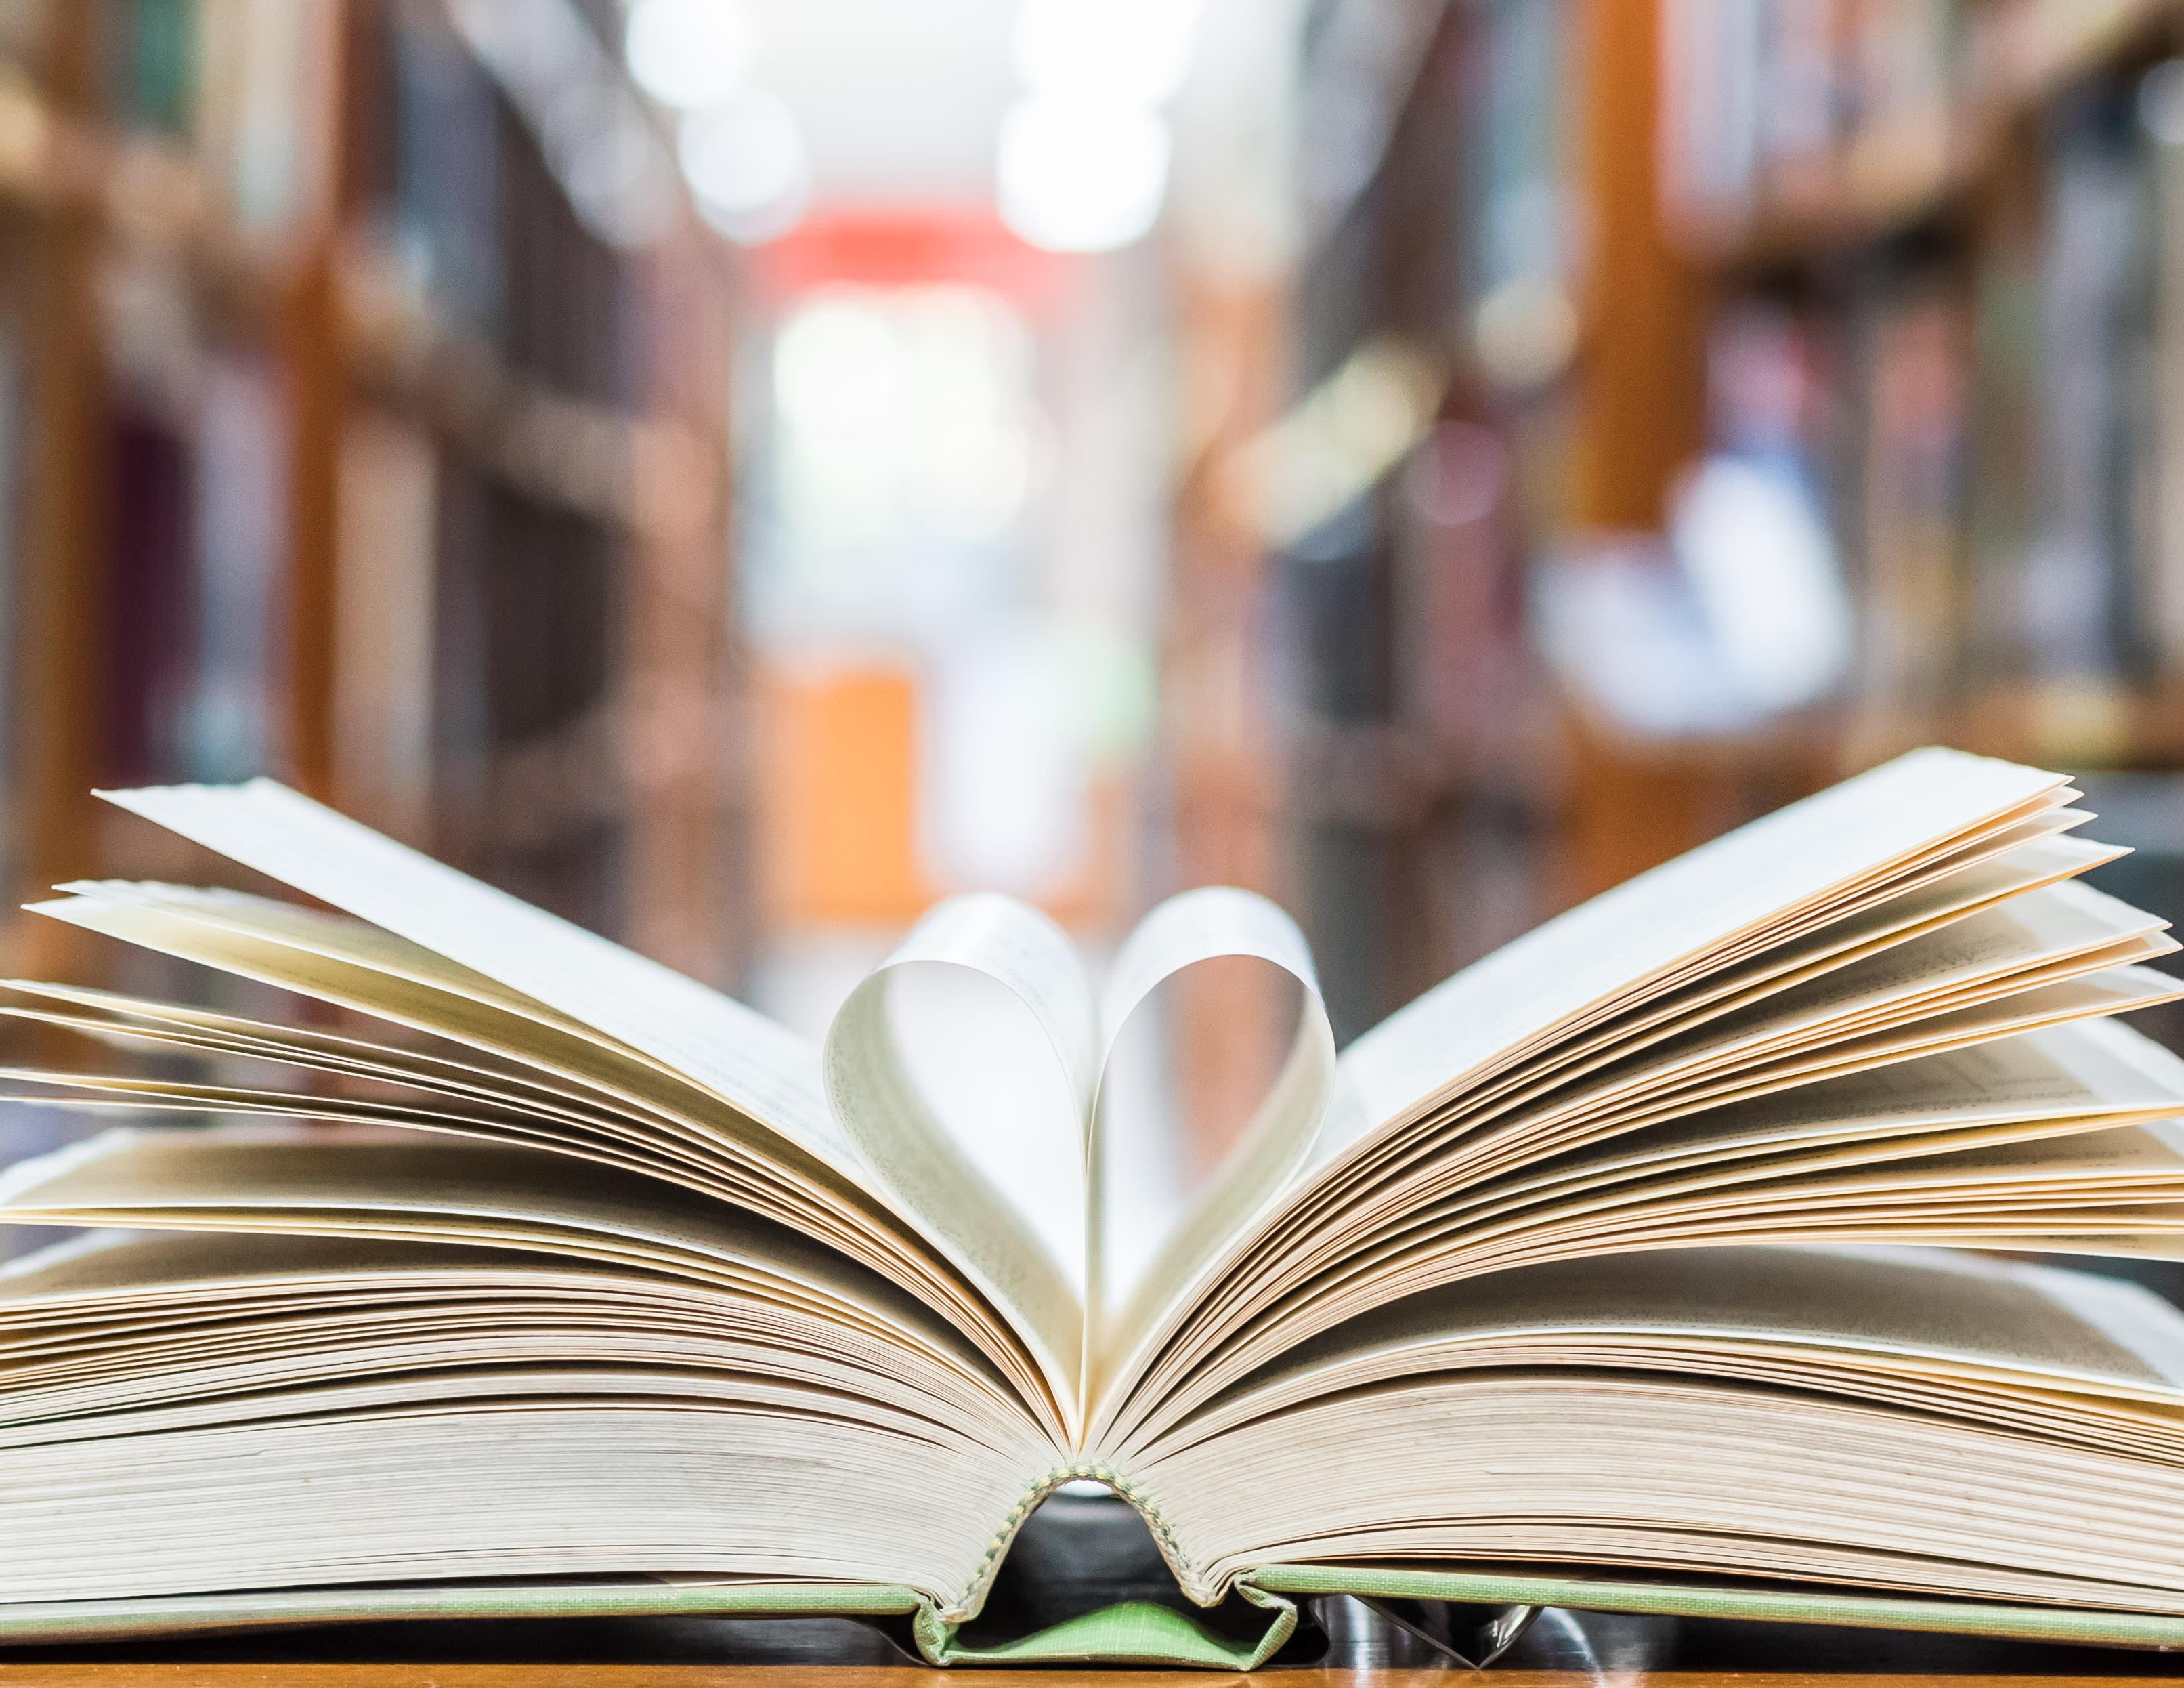 Día Nacional de leer un libro: Recomendaciones para recordar esta fecha ¡y ponerla en práctica!